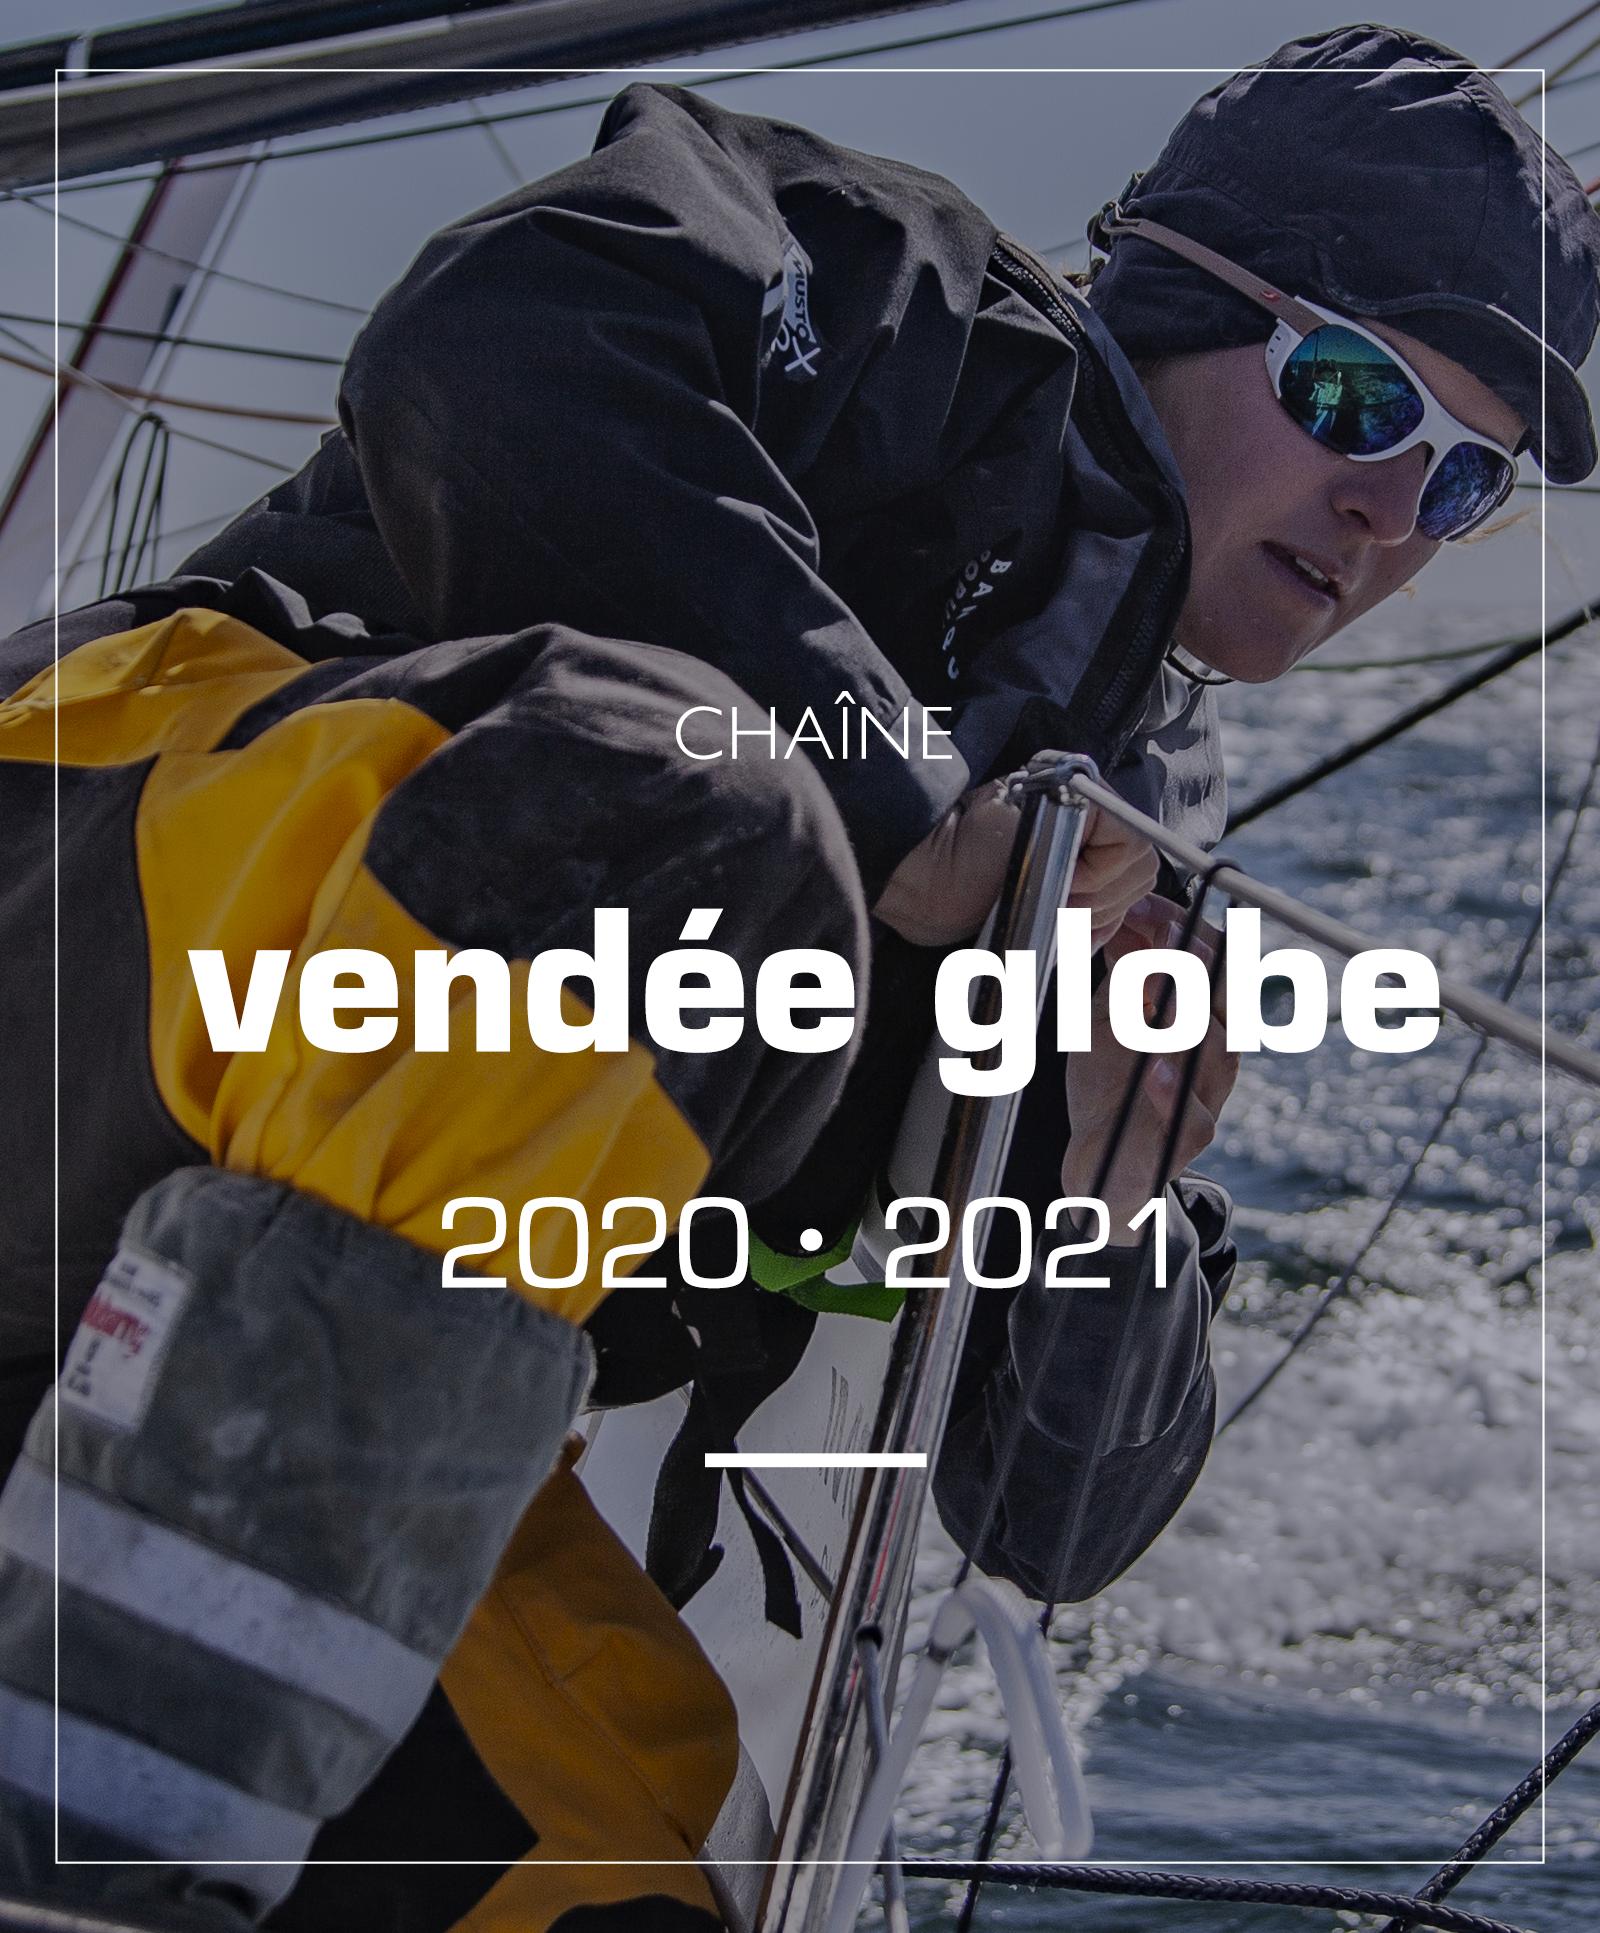 chaine VENDEE GLOBE 2020-2021